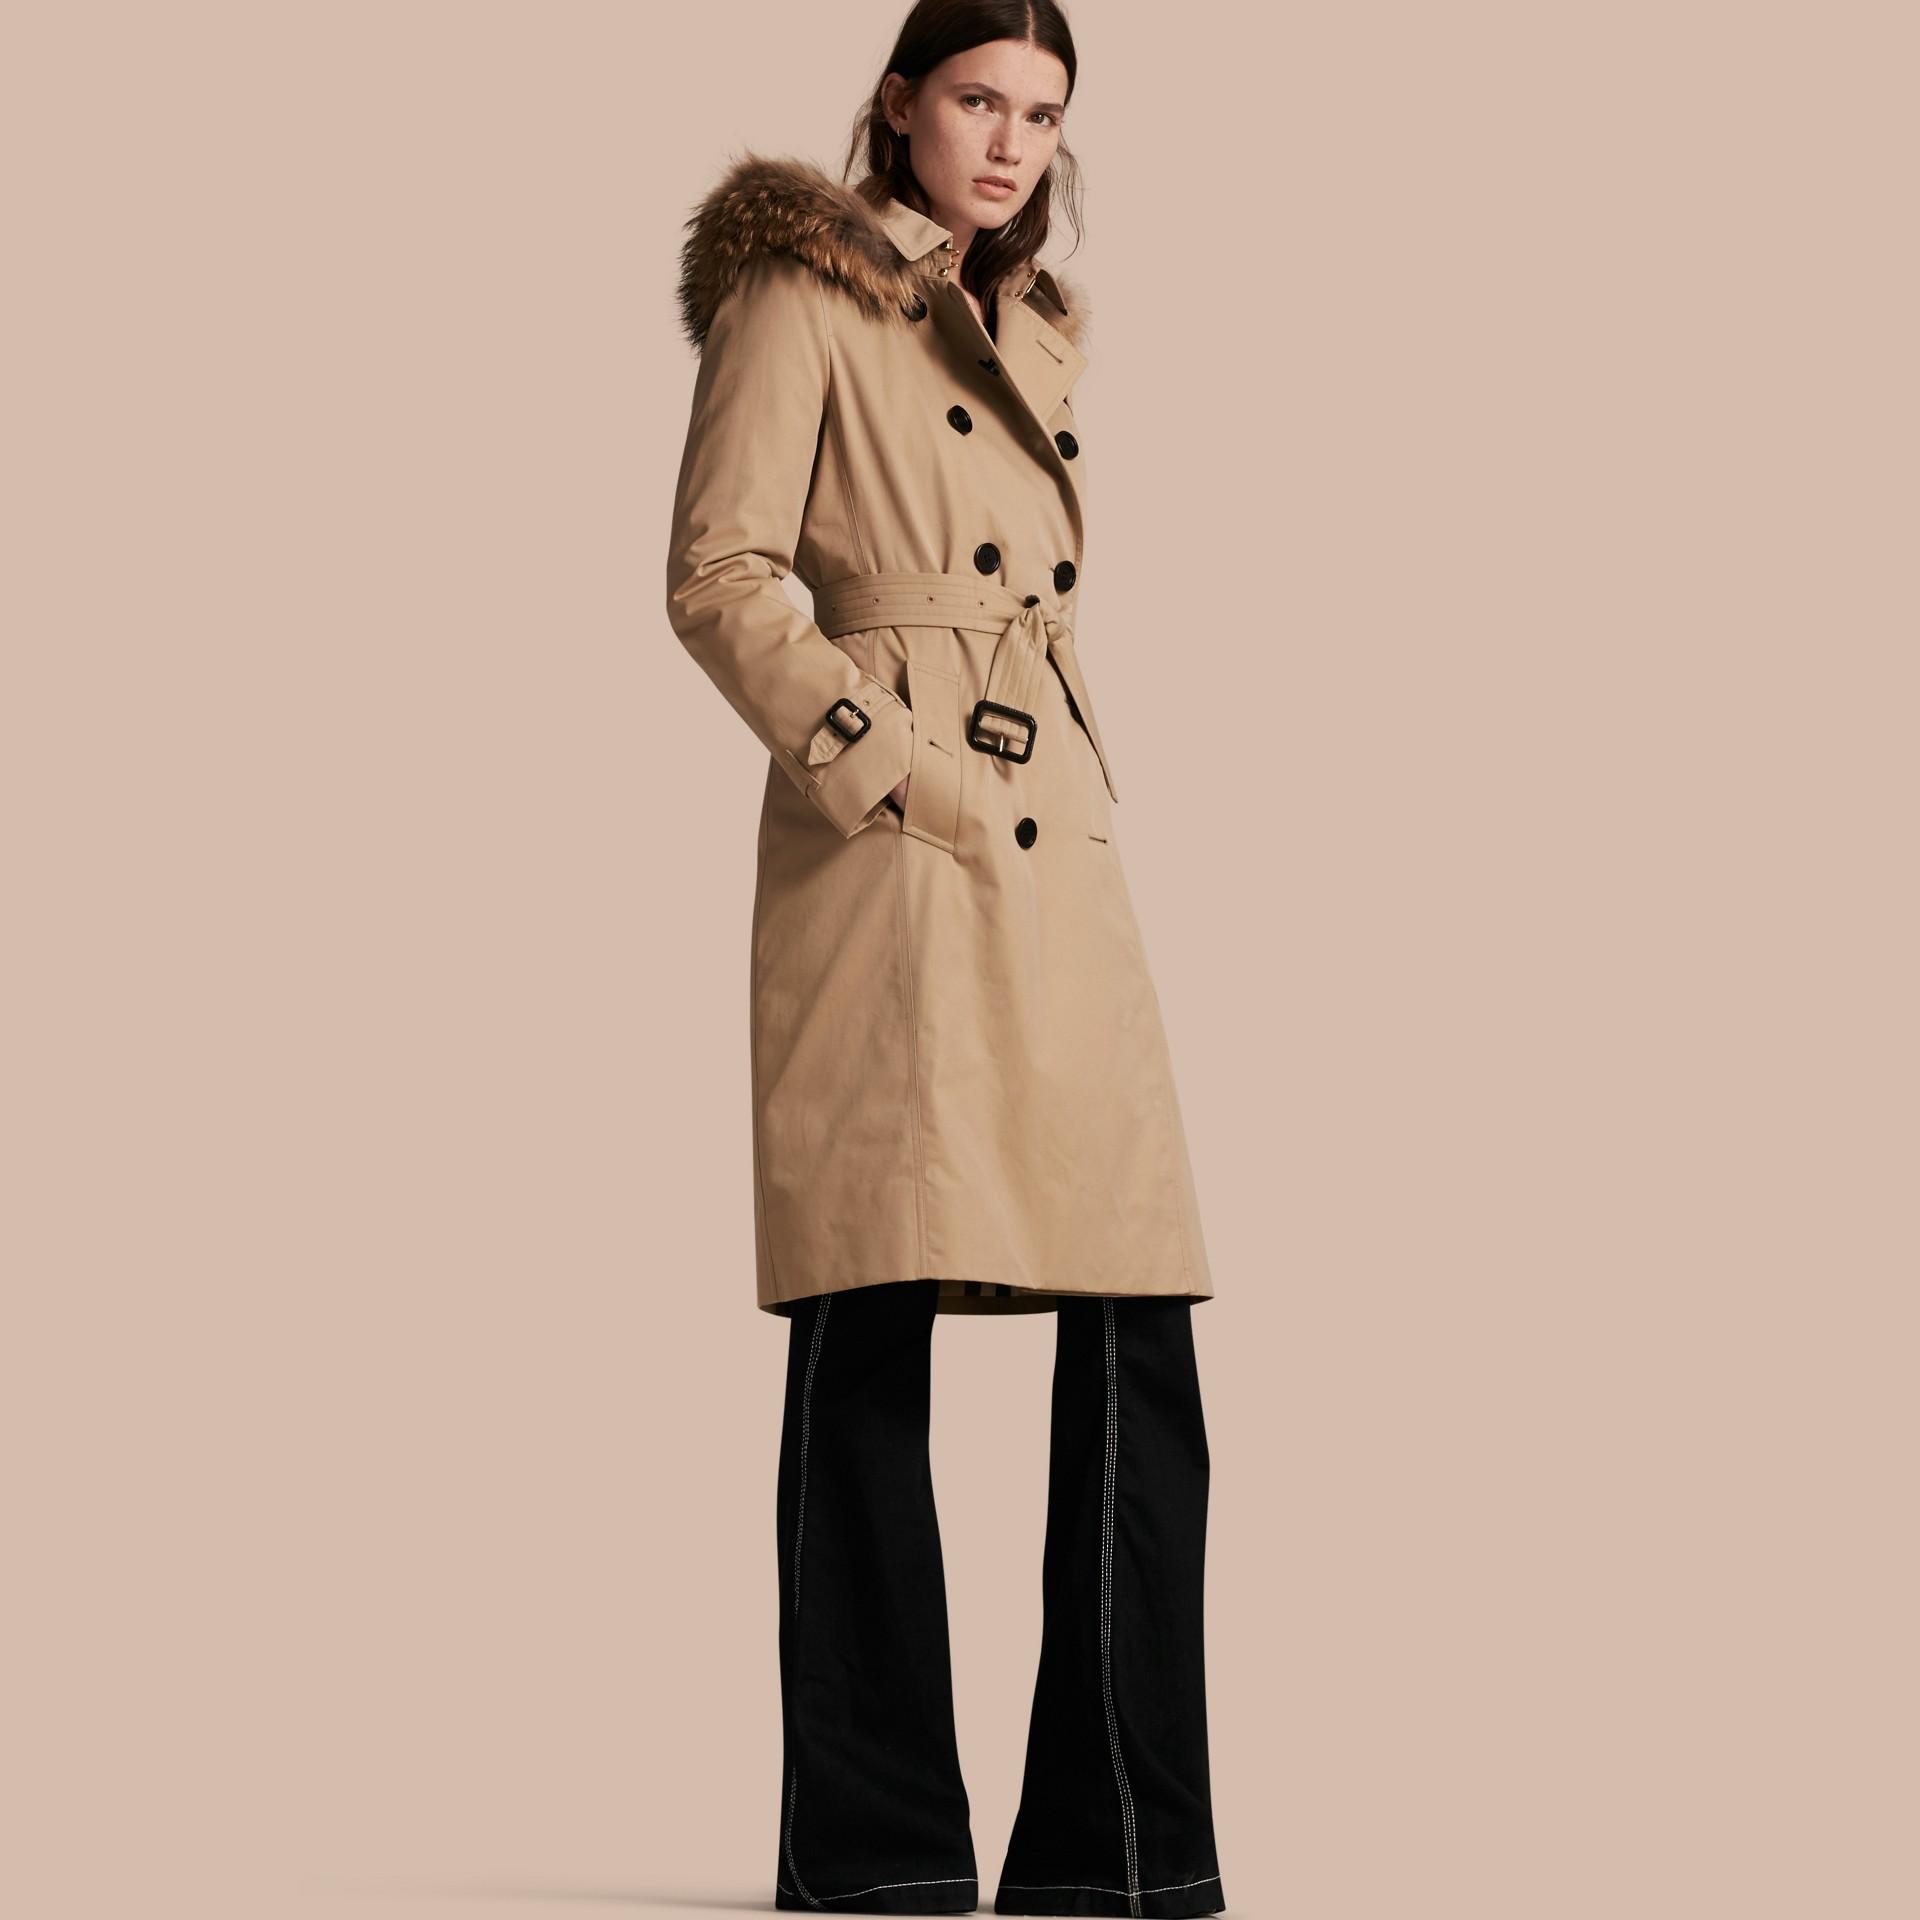 Miel Trench-coat avec capuche bordée de fourrure et gilet intérieur amovible Miel - photo de la galerie 1